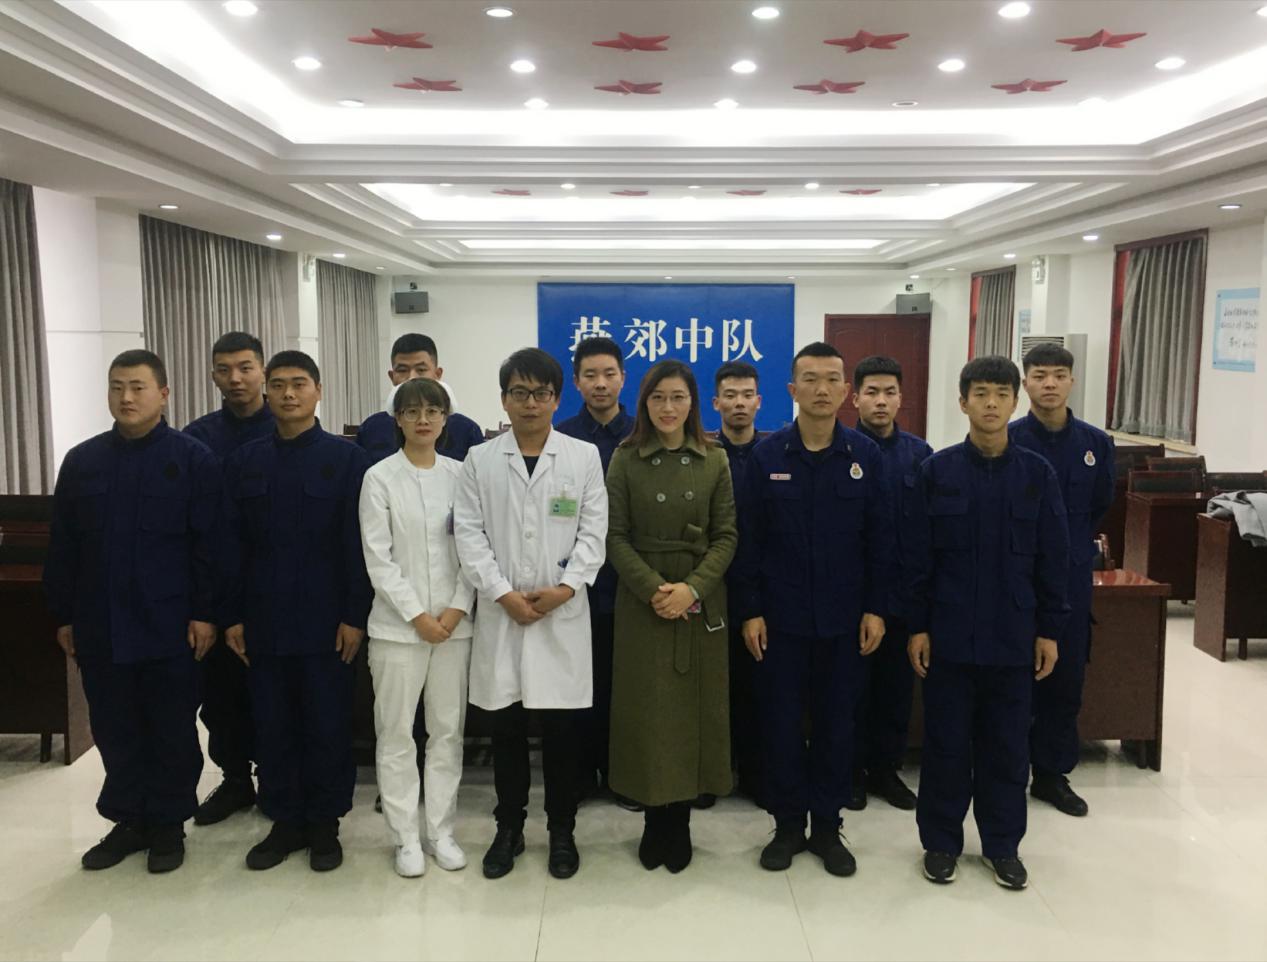 医院办公室主任庞艾娜、医护急救小组贾海平宋佳与三河消防大队指导员合影